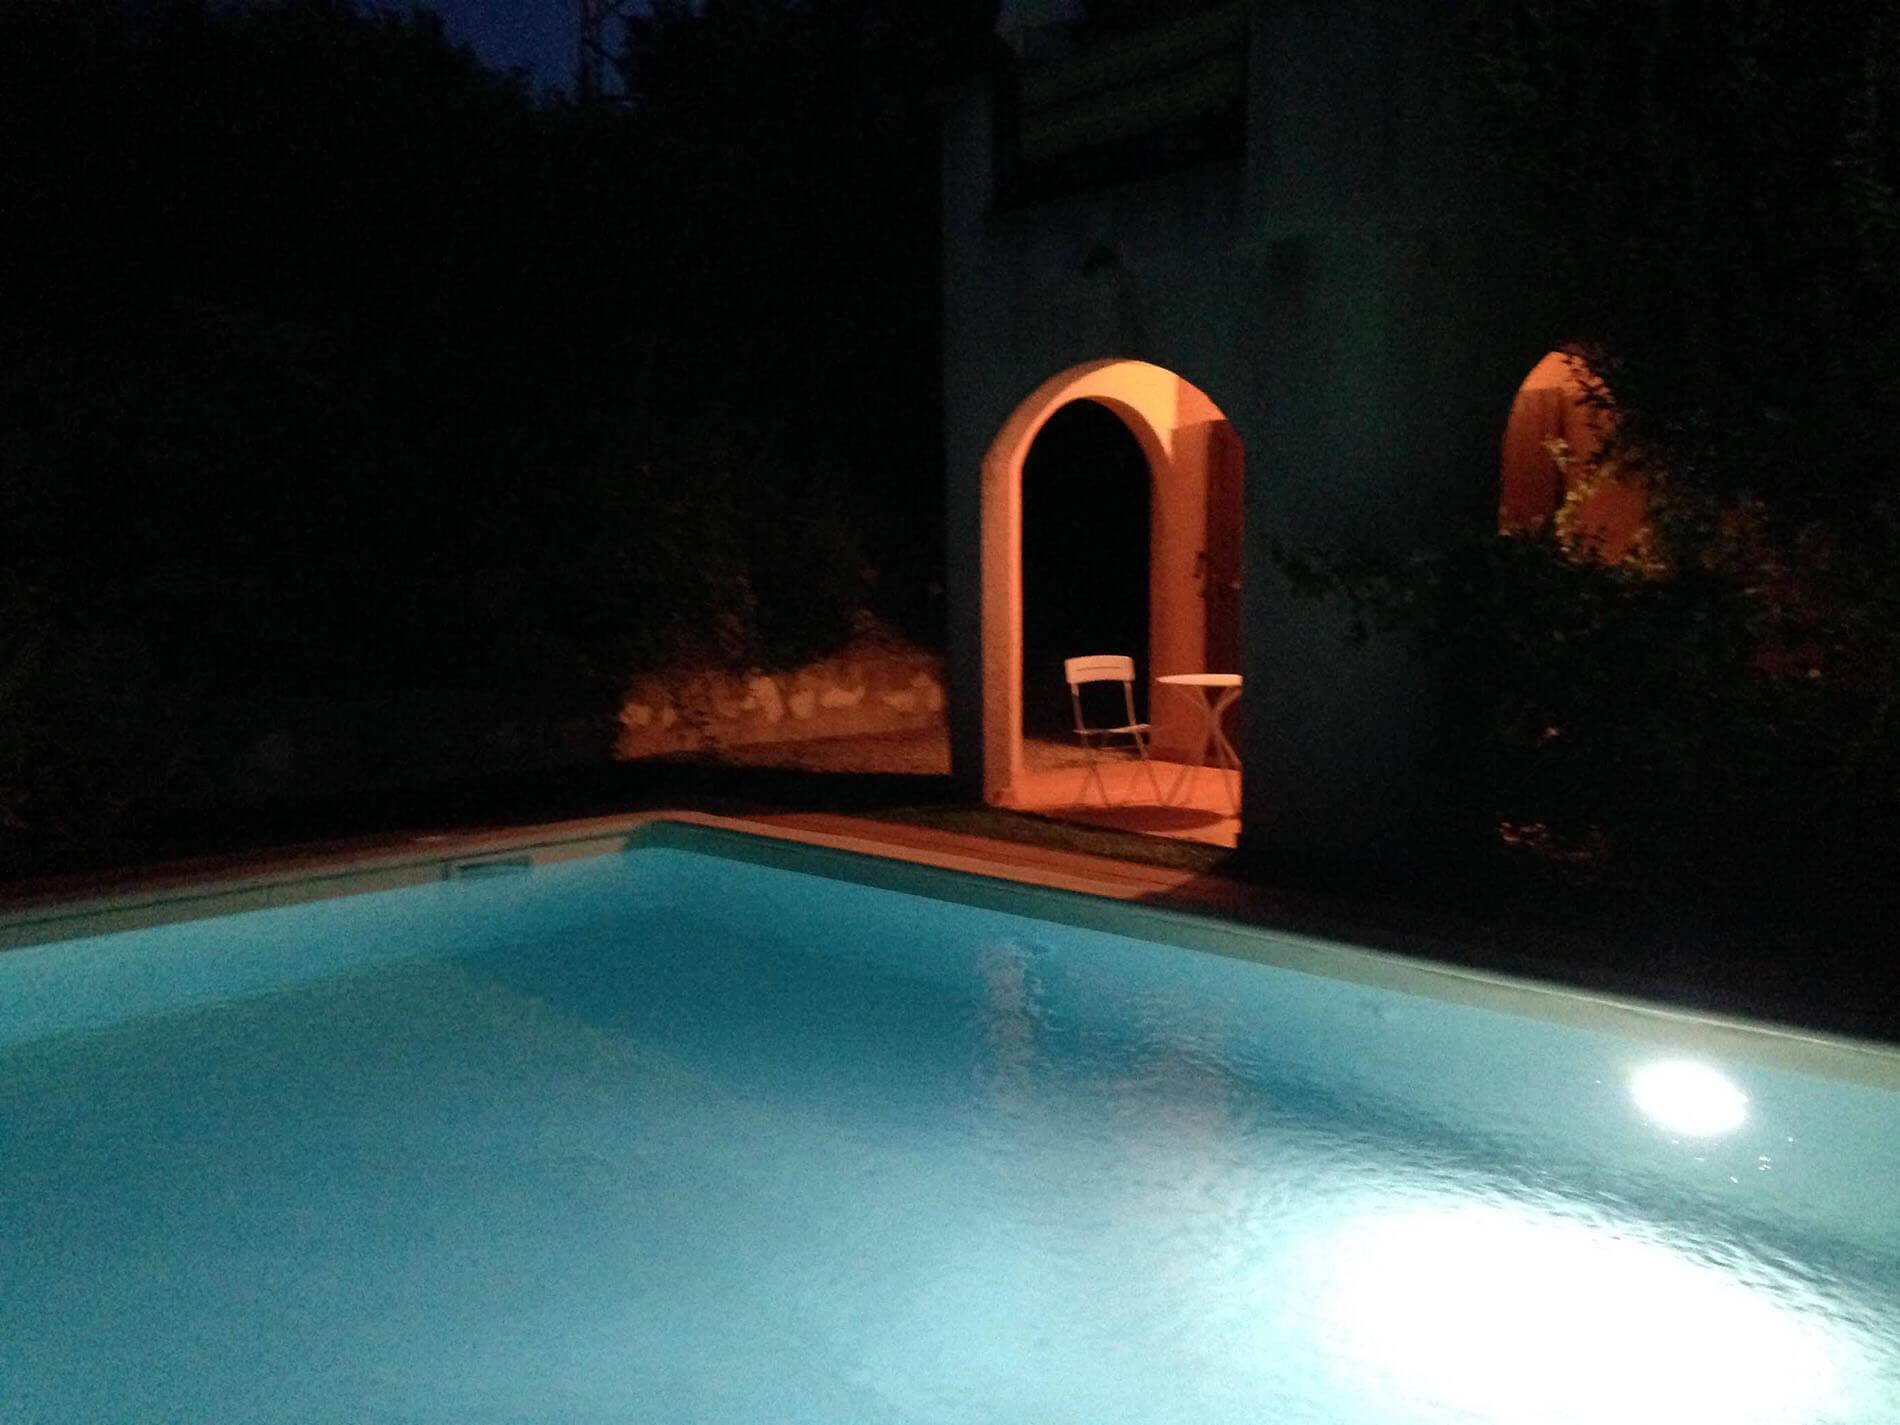 U Castellu Pool in Night